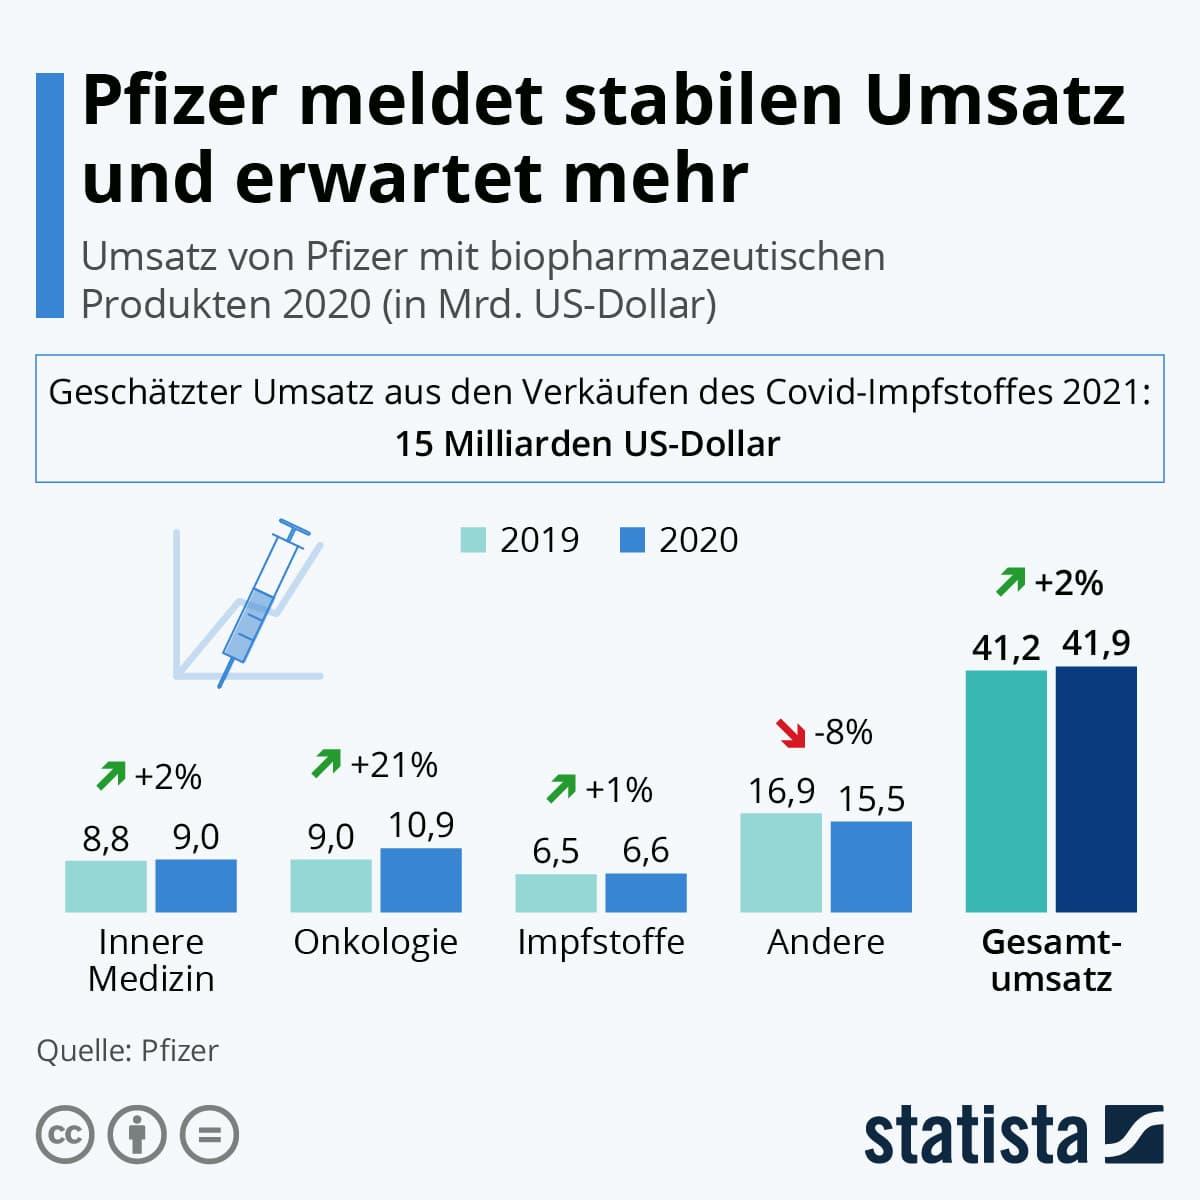 Grafik Pfizer Umsatz mit biopharmazeutischen Produkten